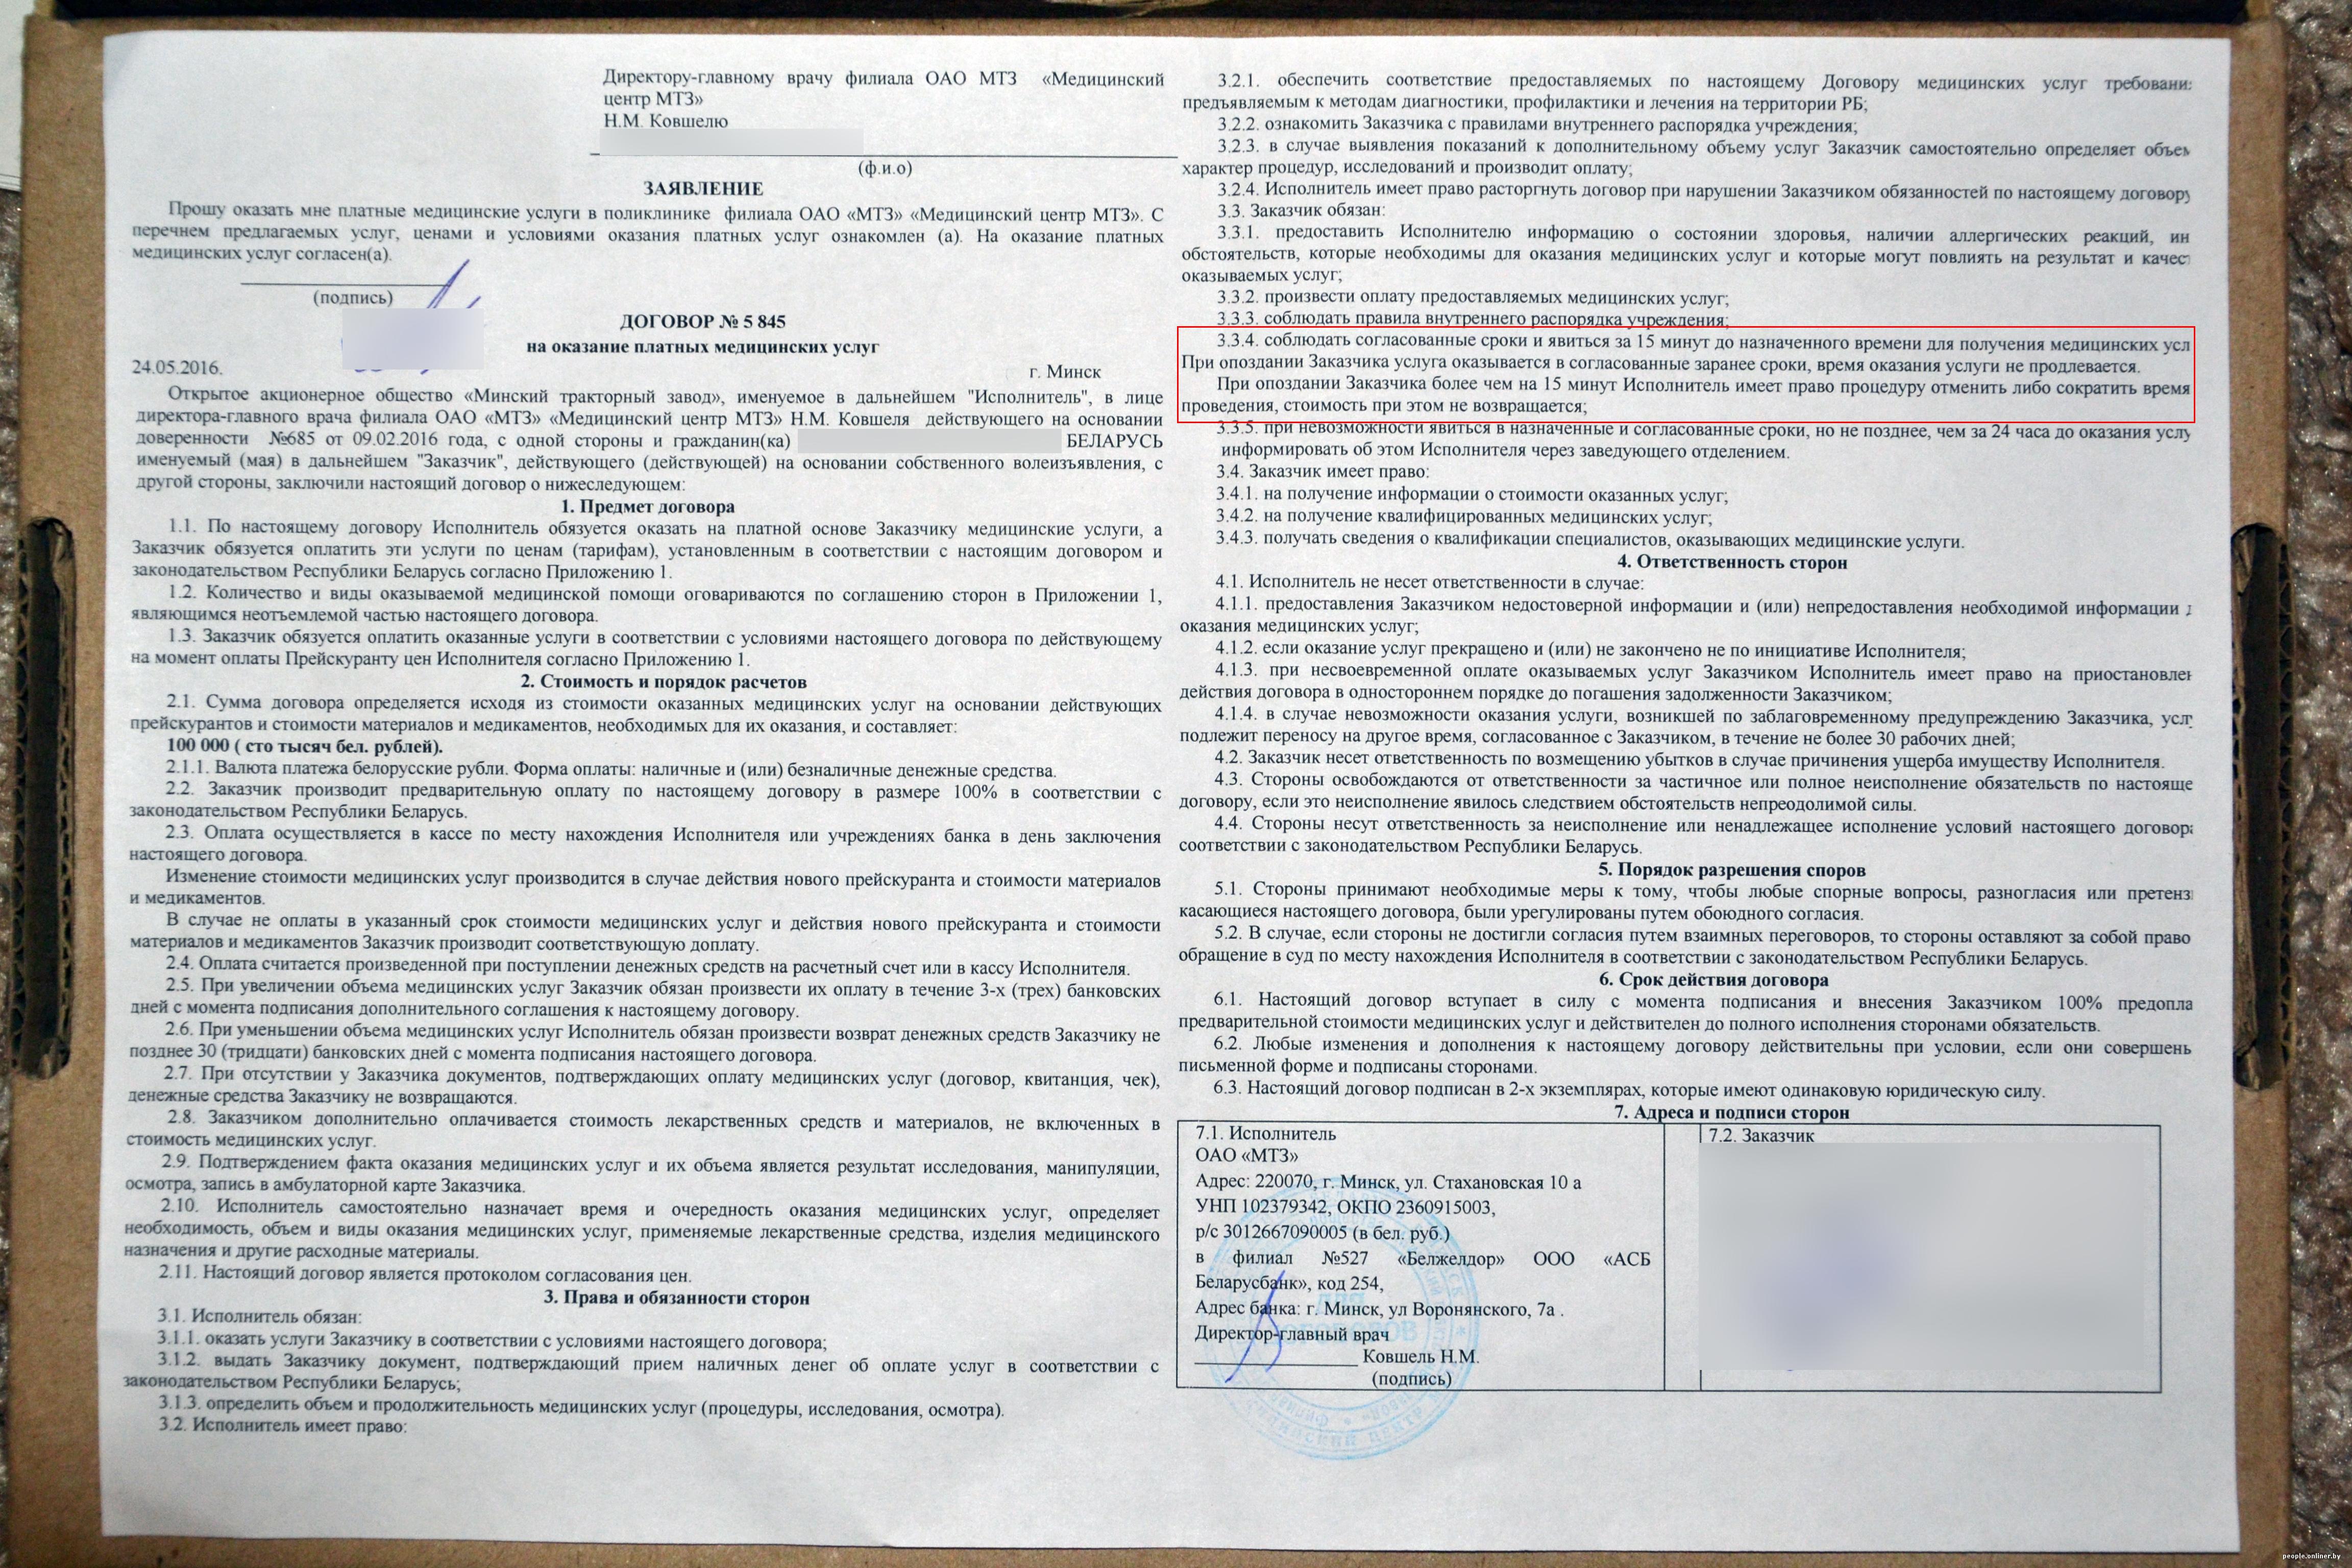 образец жалобы на врача поликлиники в беларуси